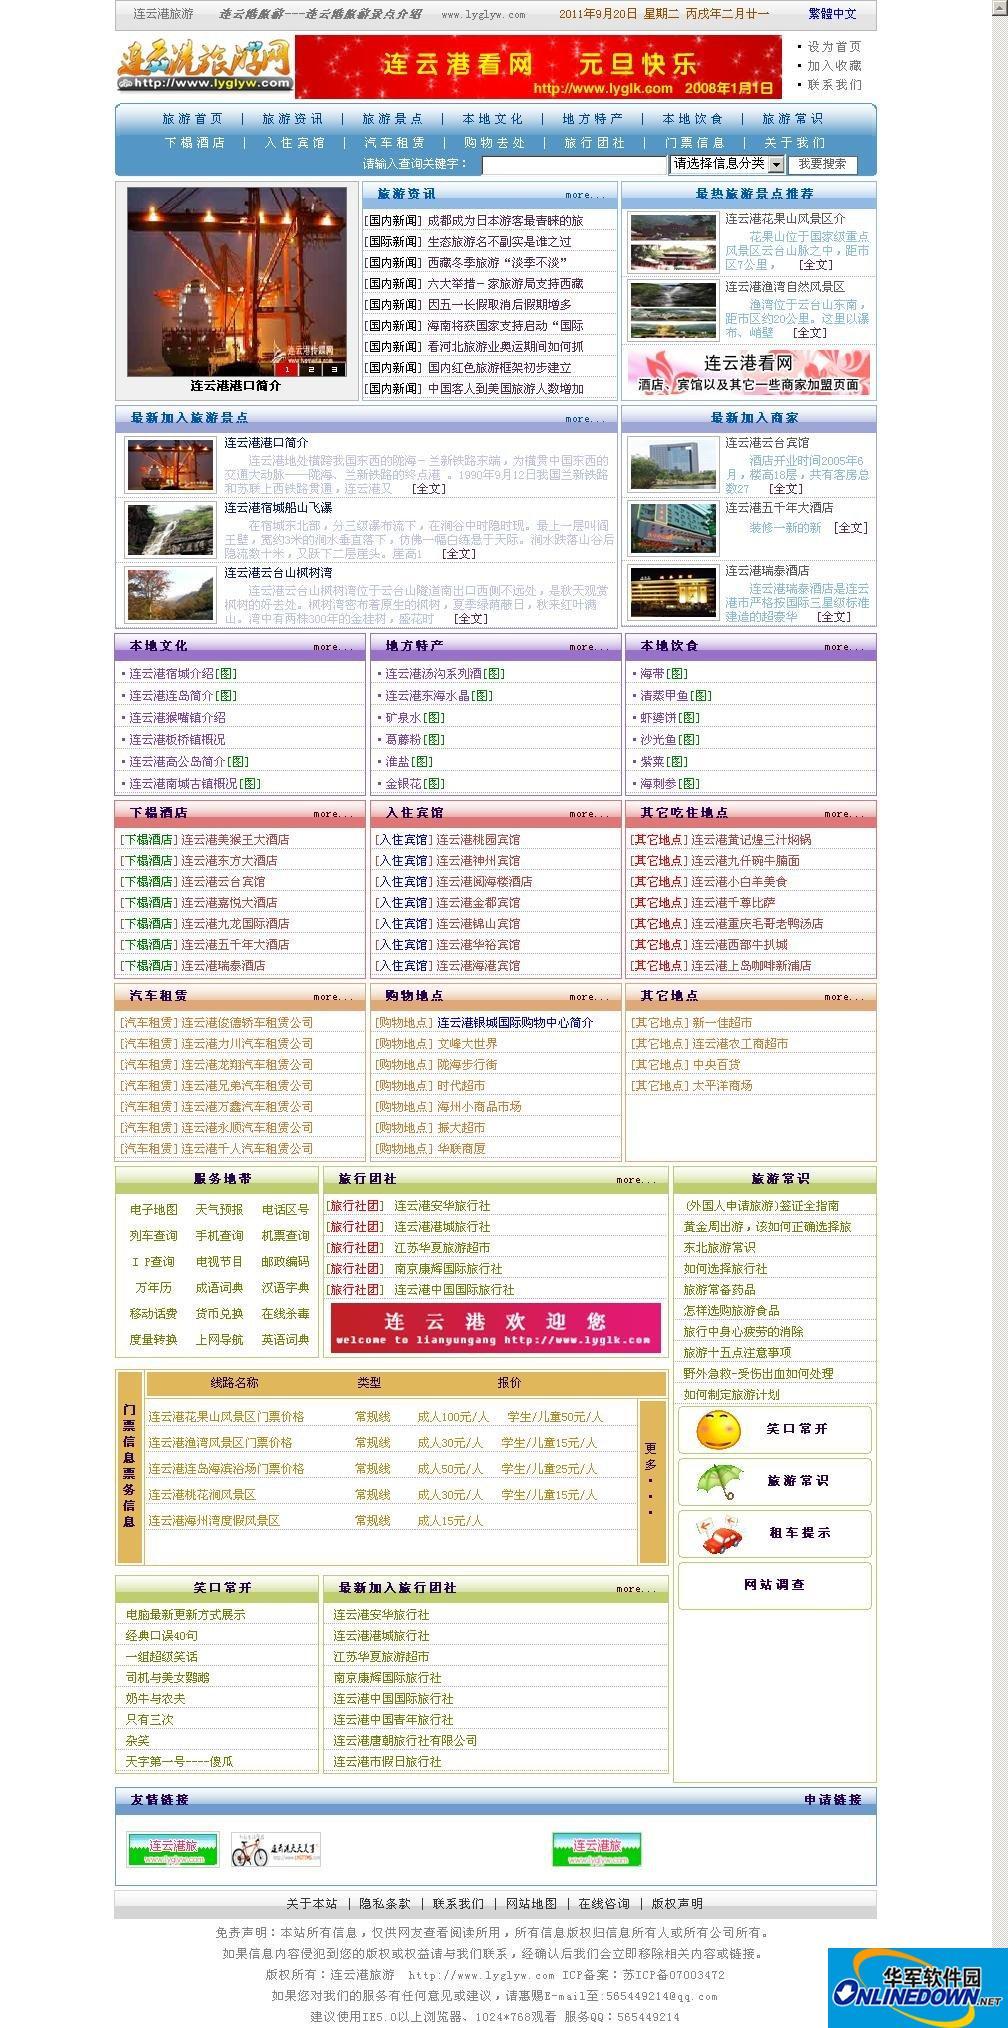 深山旅游网站管理系统  1.1